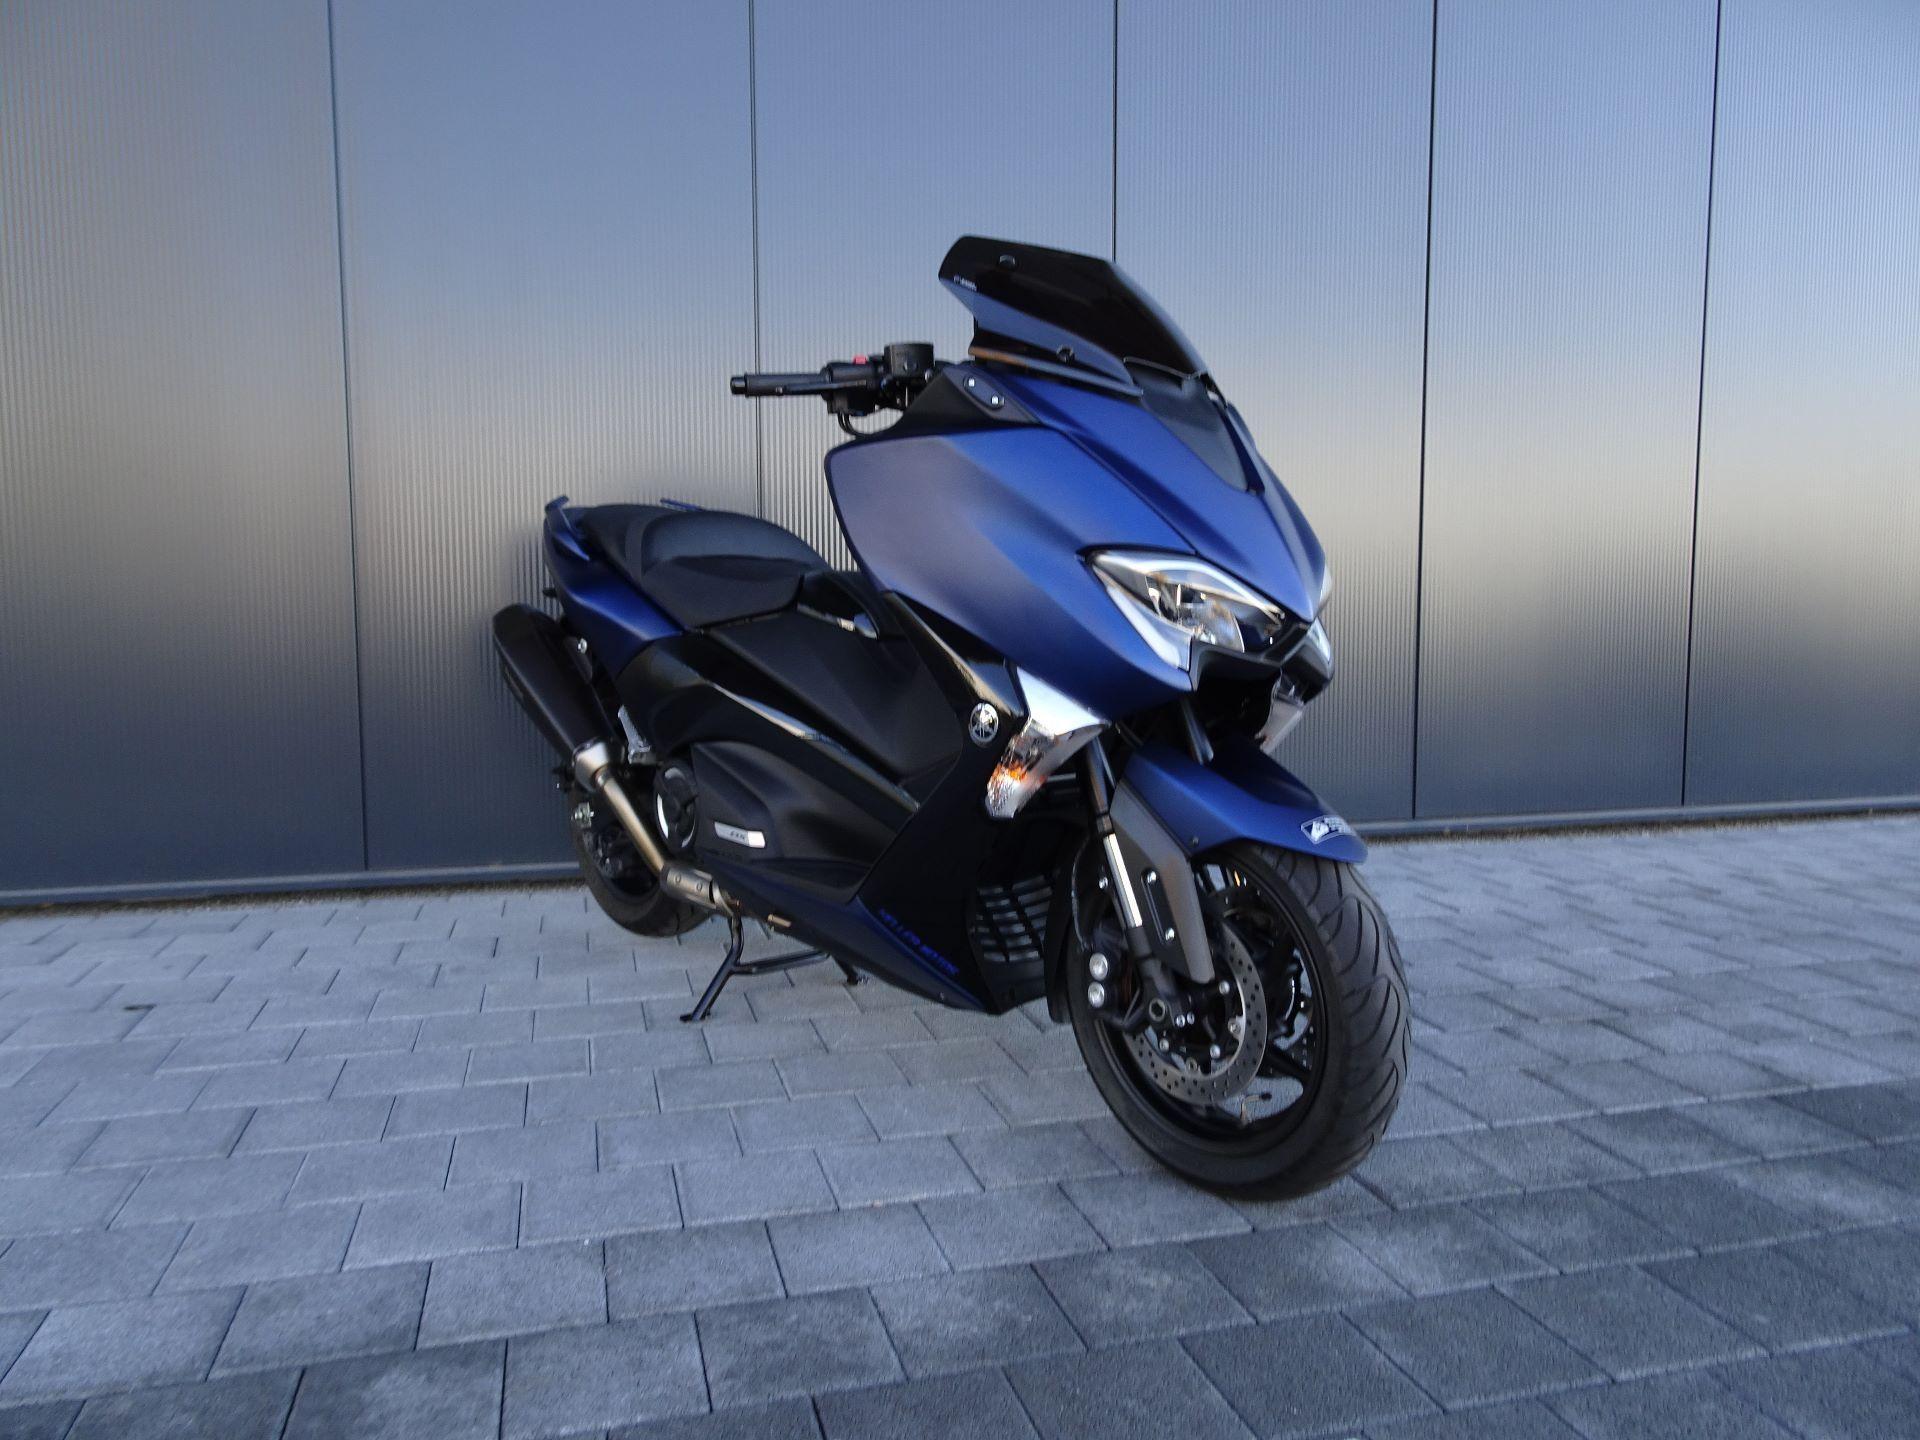 motorrad occasion kaufen yamaha xp 530 tmax dx abs keller motos ag siggenthal station. Black Bedroom Furniture Sets. Home Design Ideas